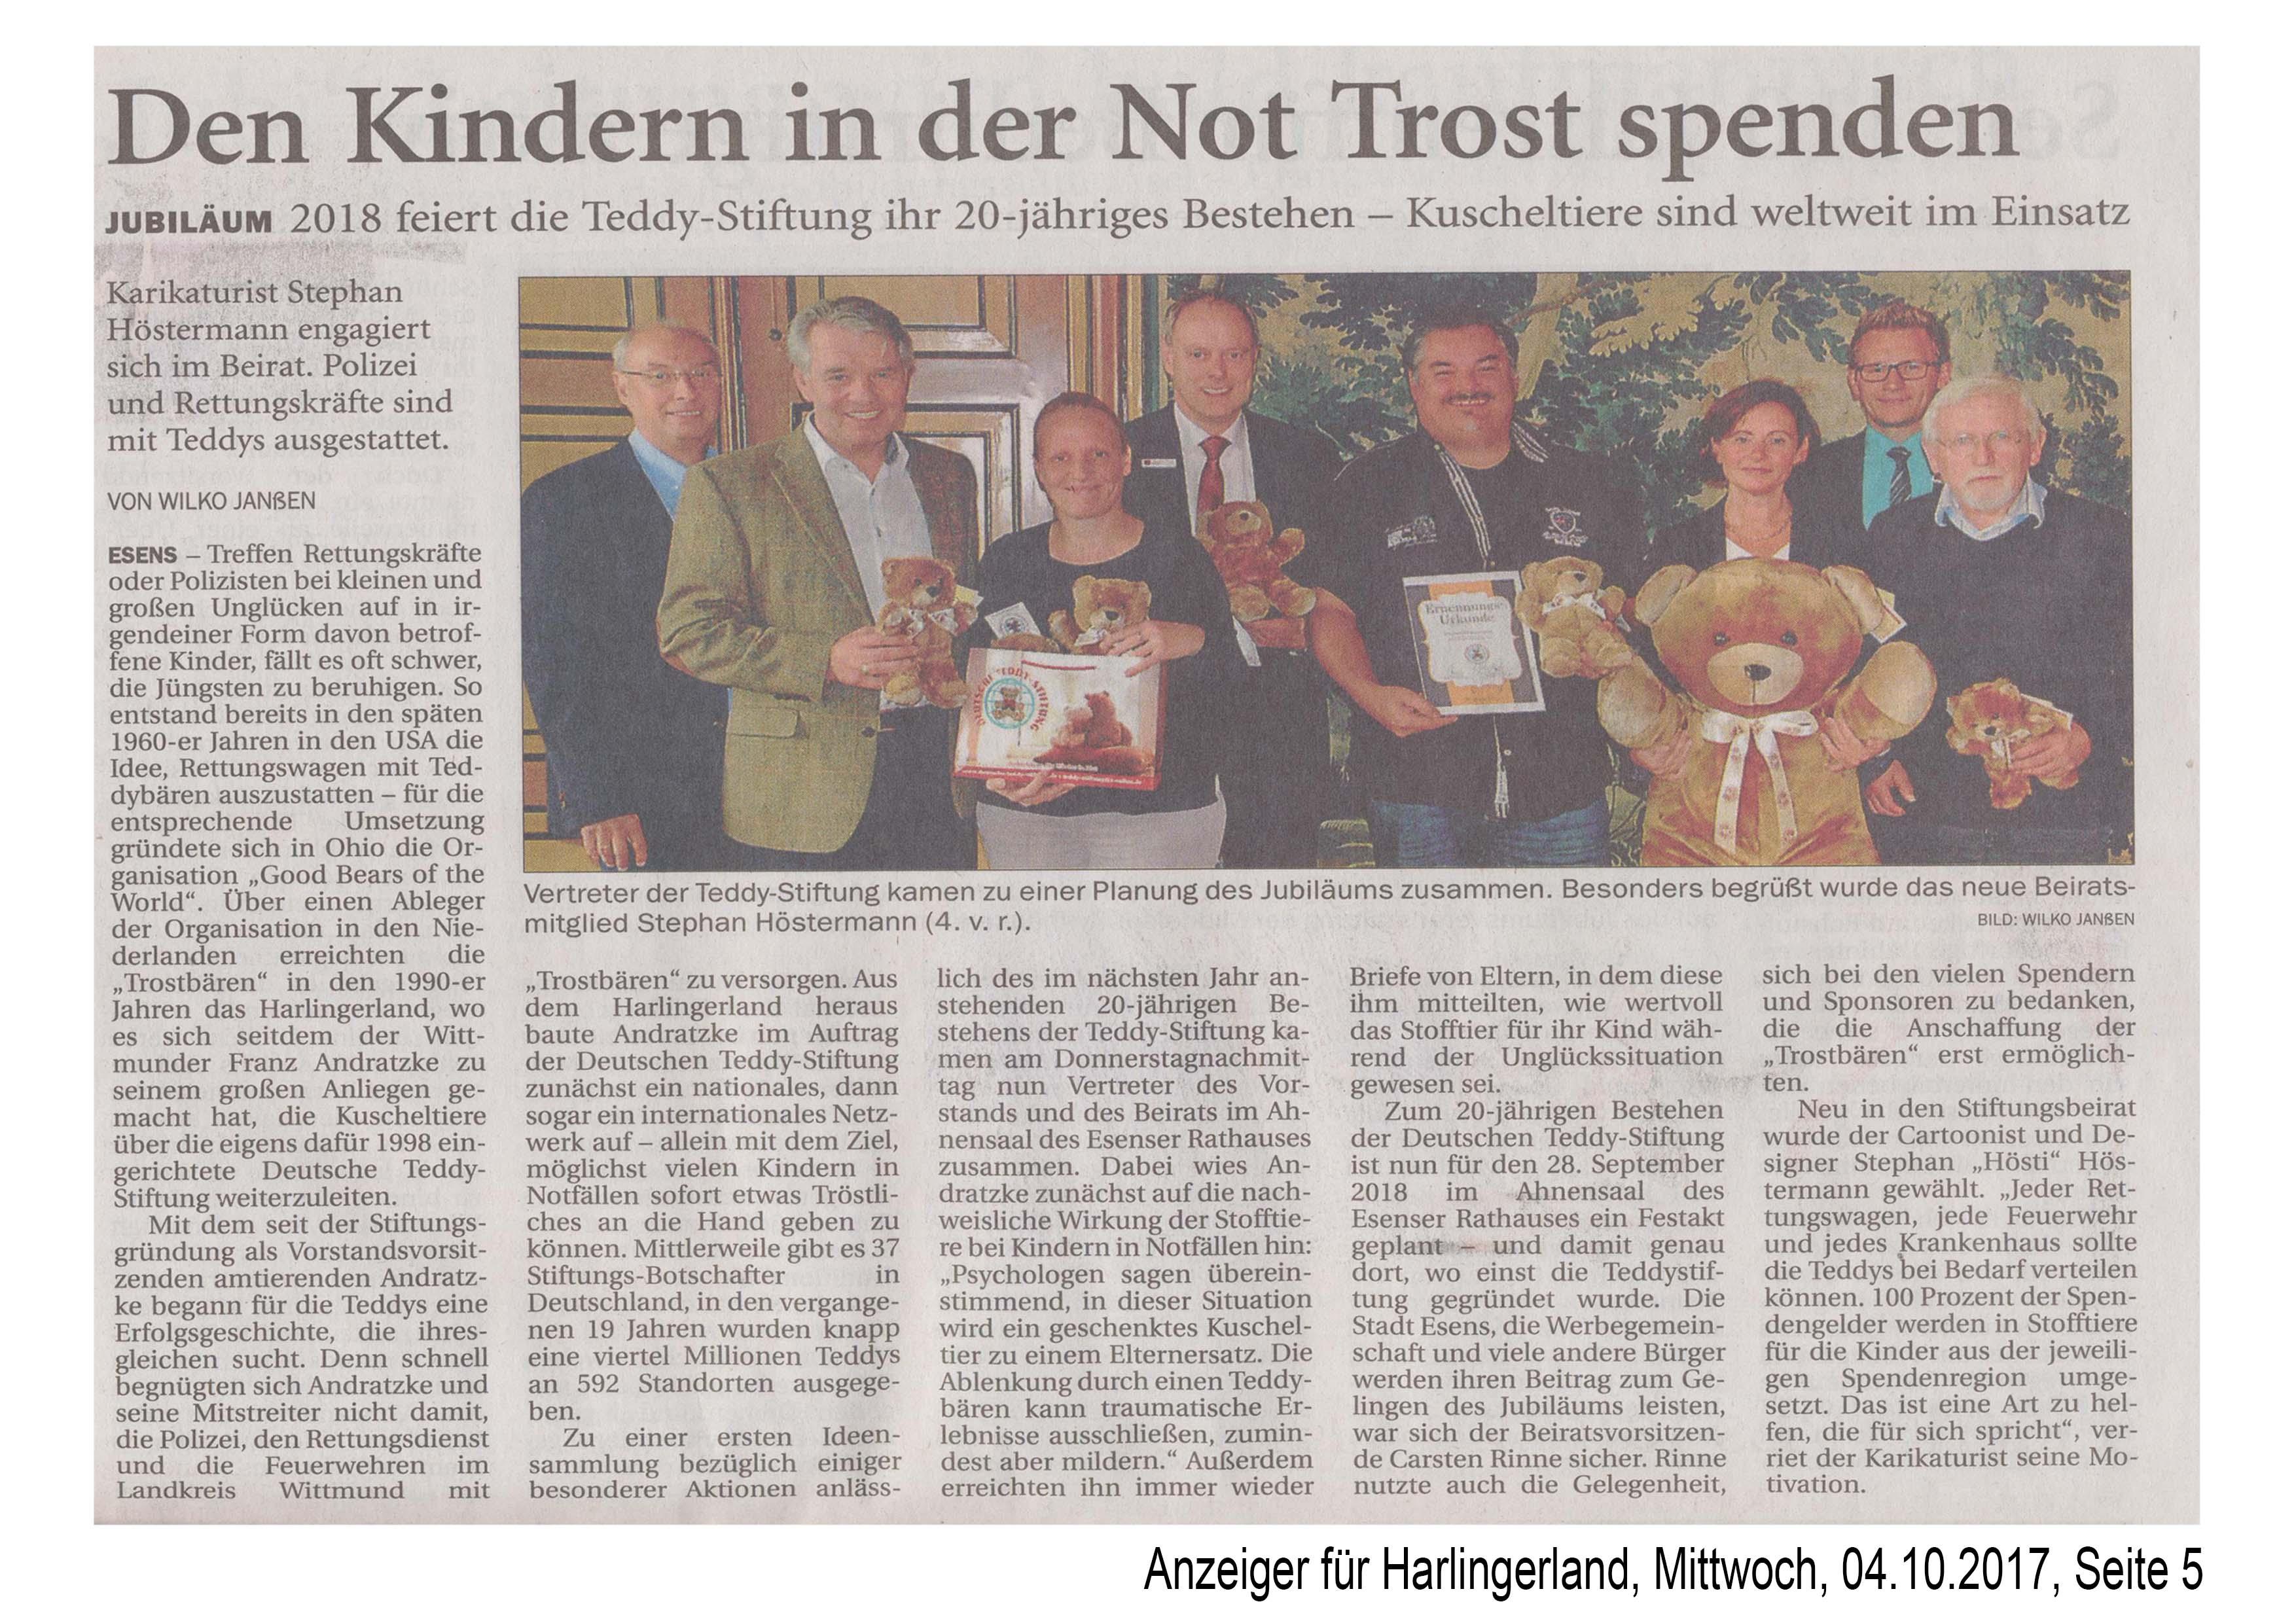 Anzeiger-für-Harlingerland-Mittwoch-04-10-2017-Seite-5